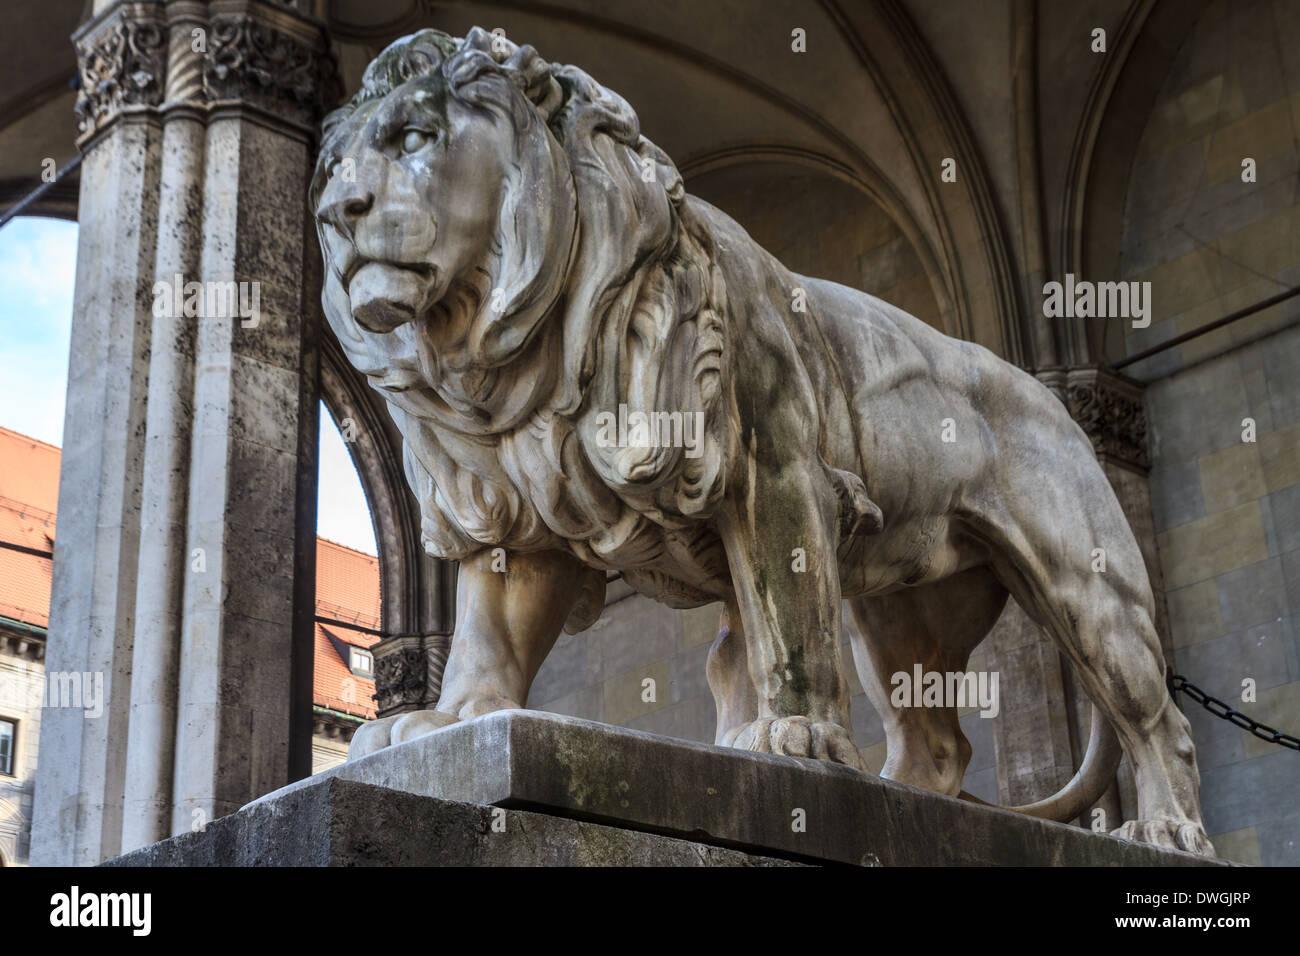 Monaco di Baviera, Leone bavarese statua che si trova nella parte anteriore del Feldherrnhalle, Baviera, Germania Immagini Stock